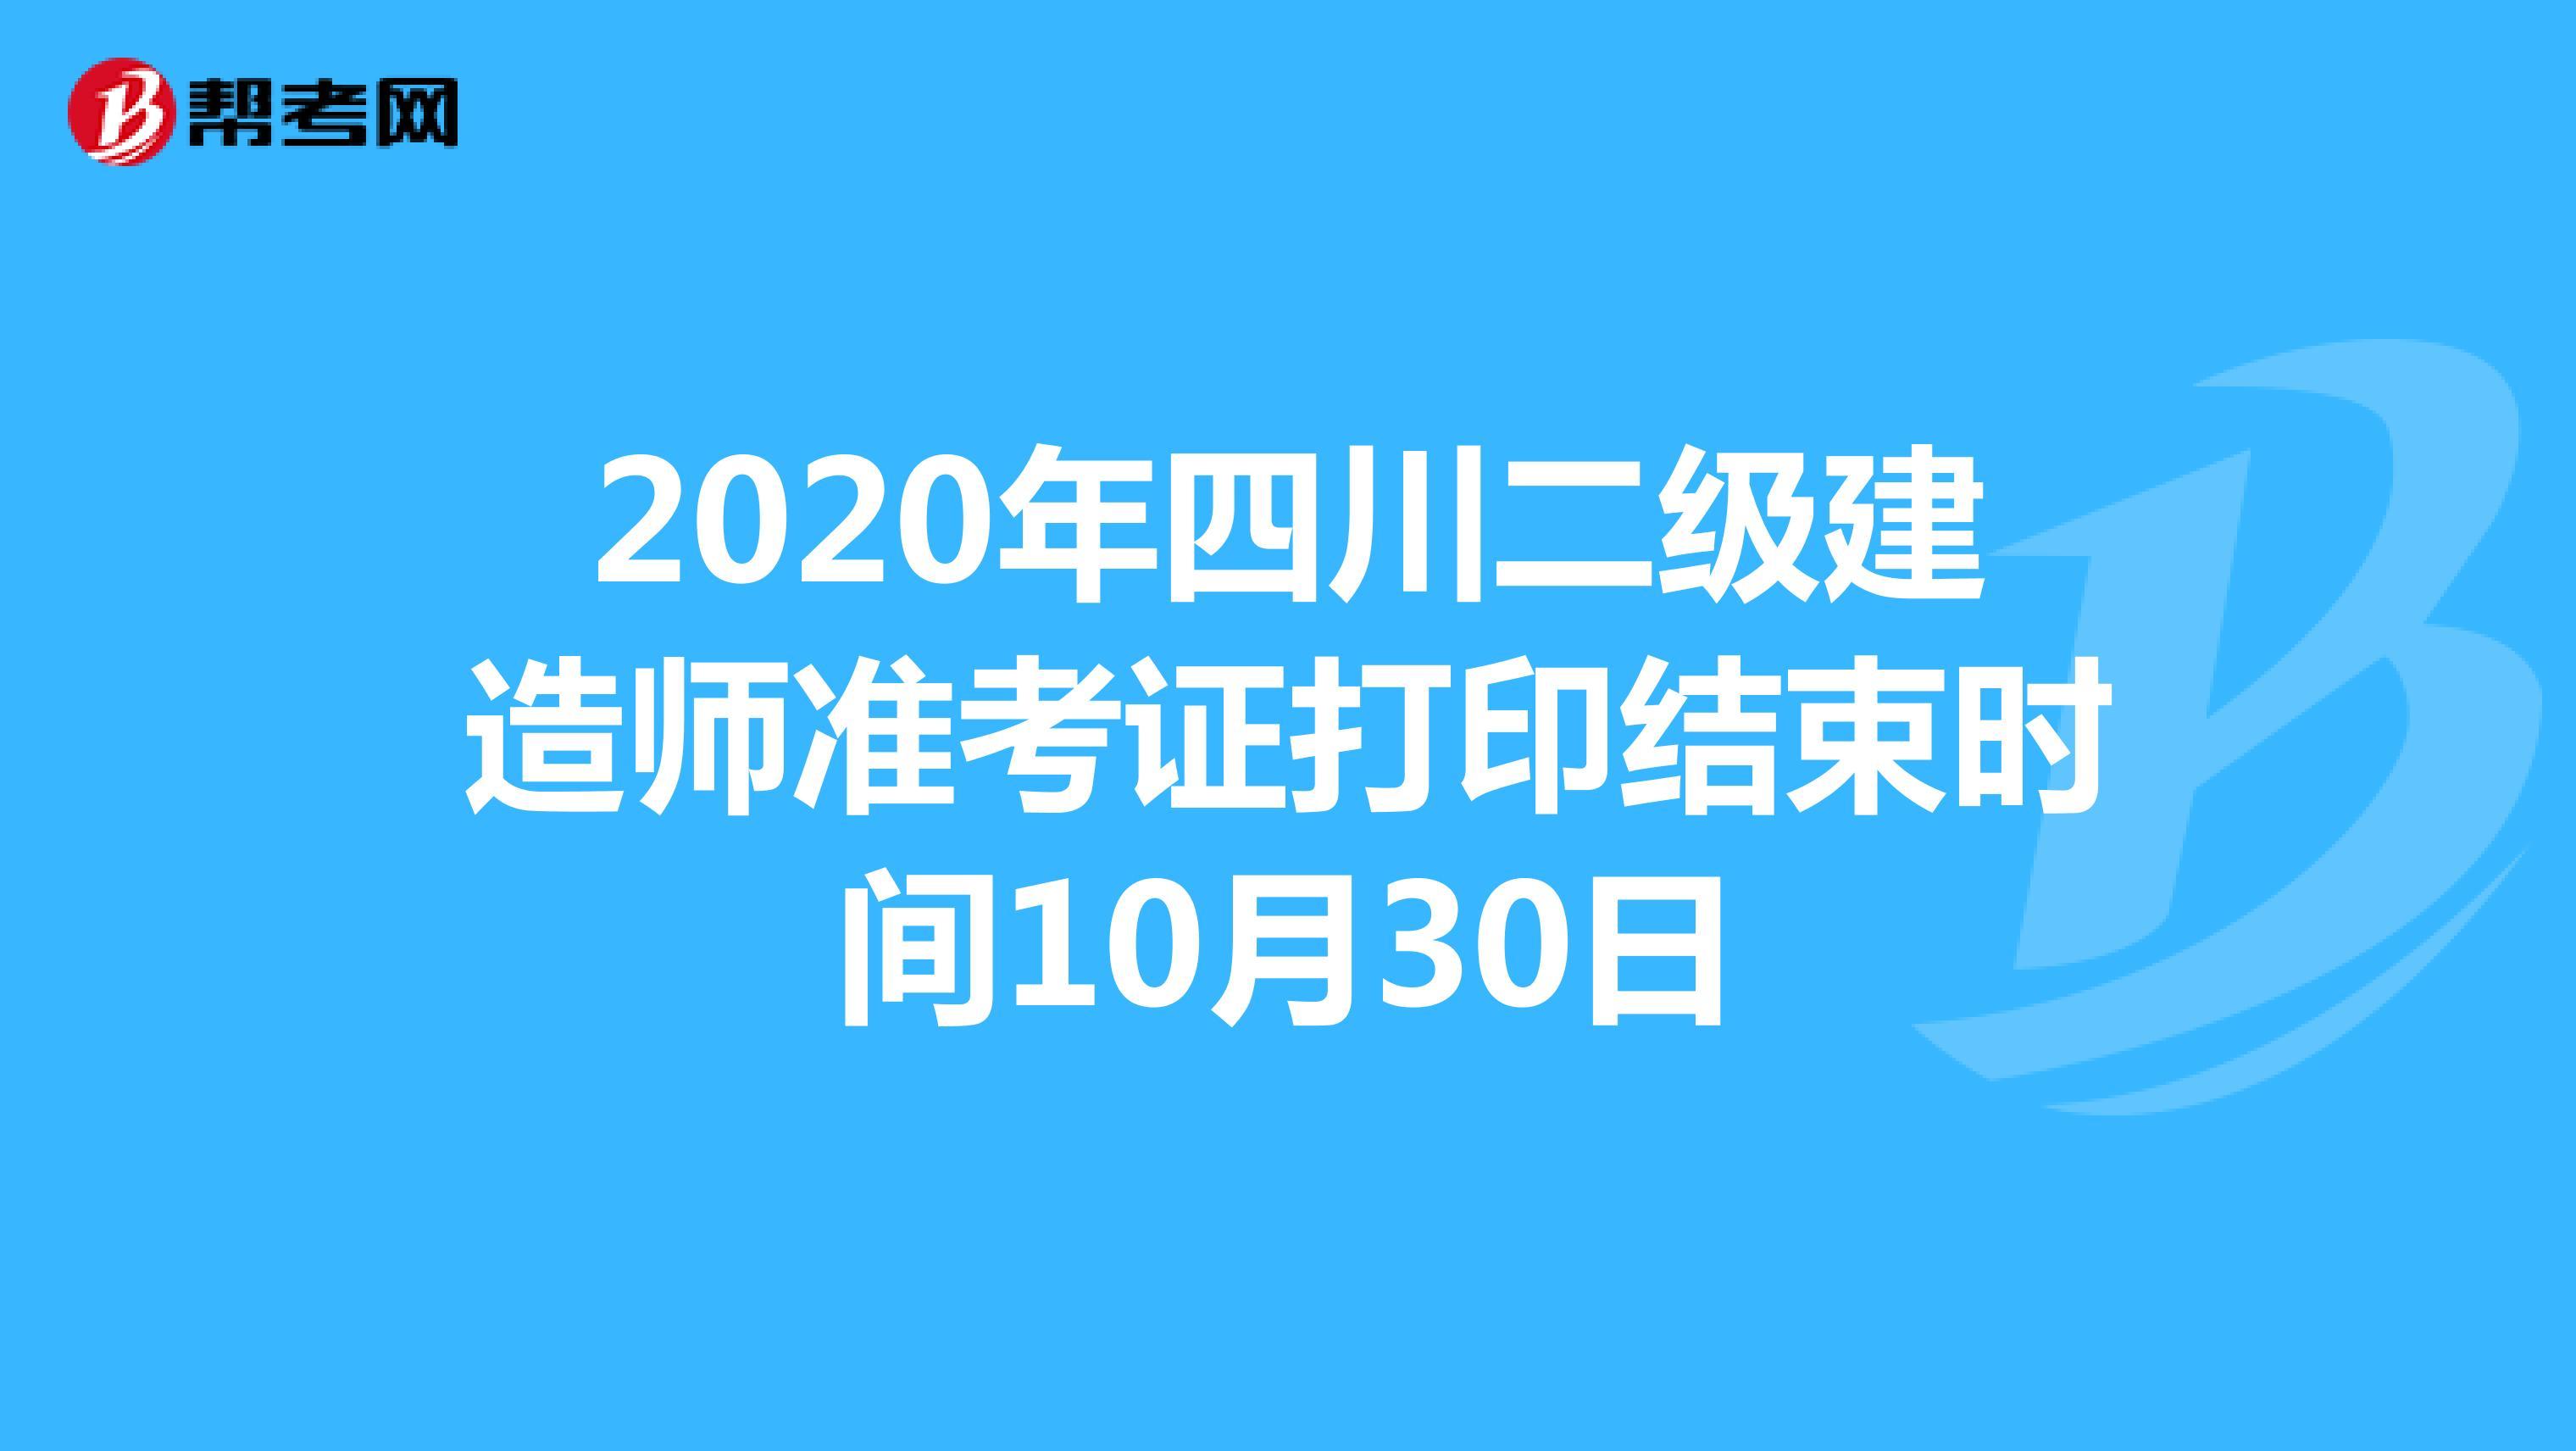 2020年四川竞技首页雷火雷火结束时间10月30日